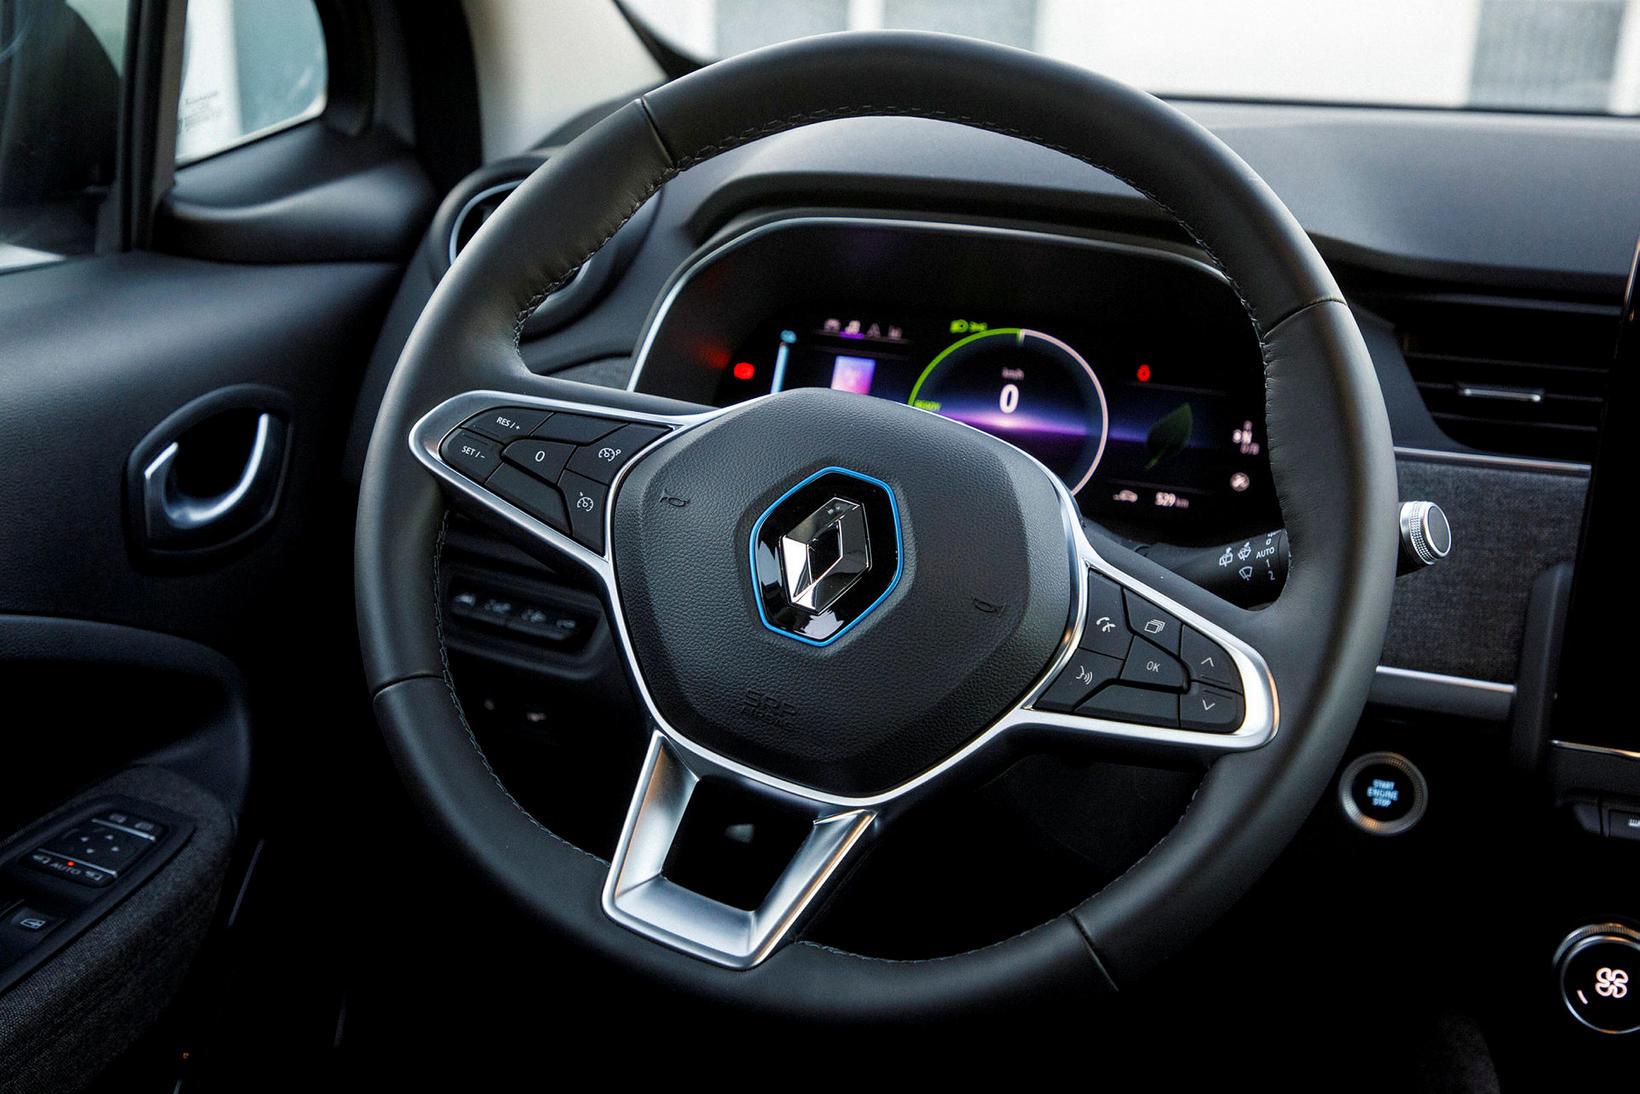 Rafbíllinn Renault Zoe